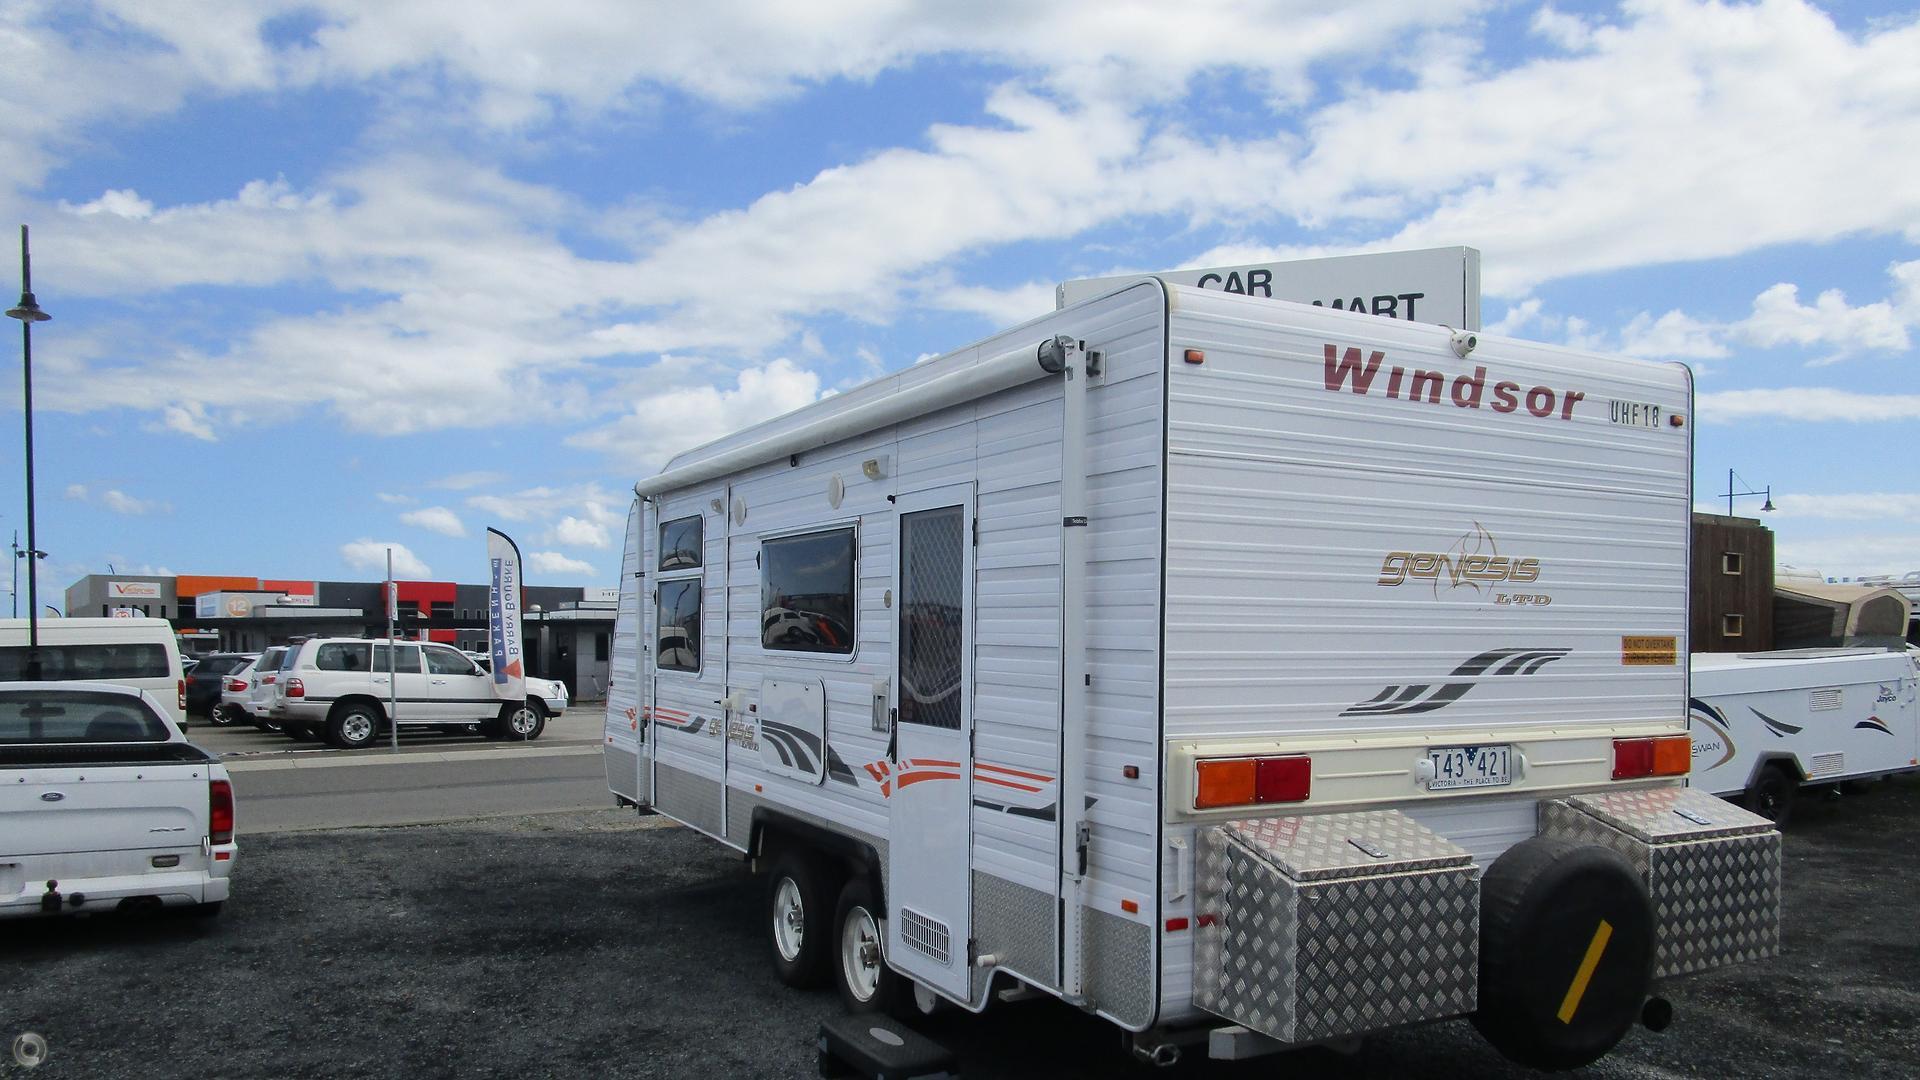 2009 Windsor Genesis